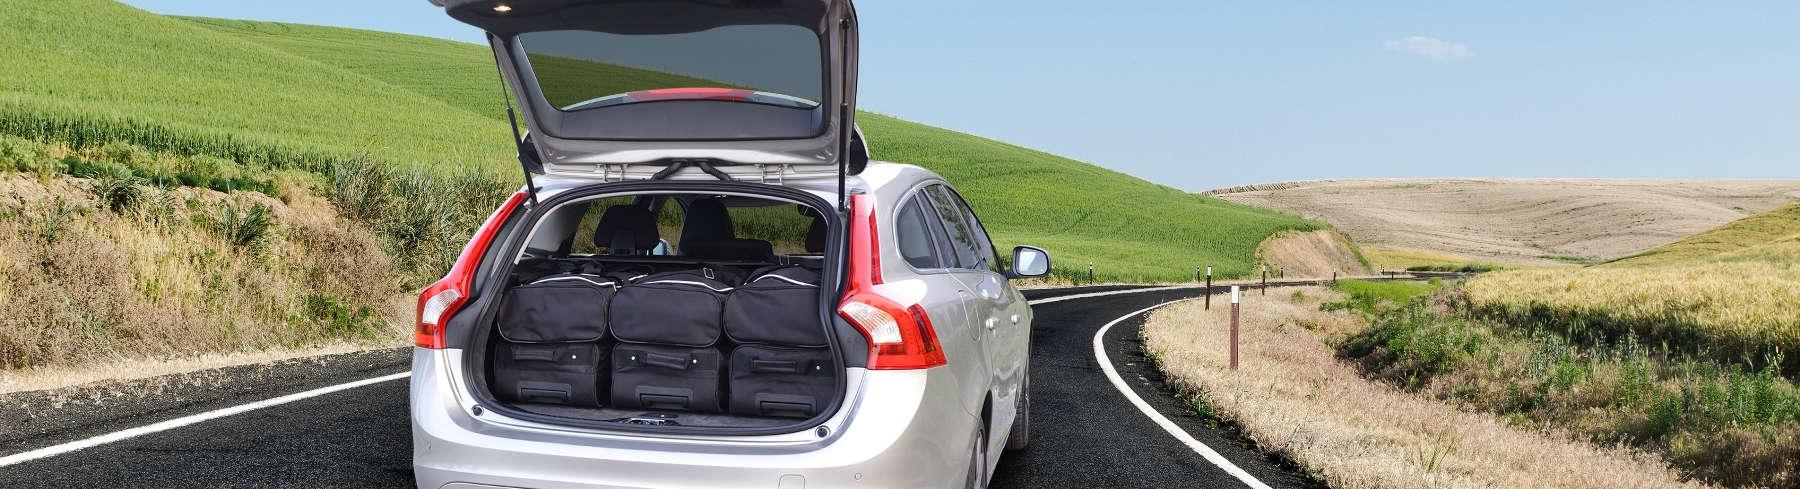 car-bags-concept-2zomer